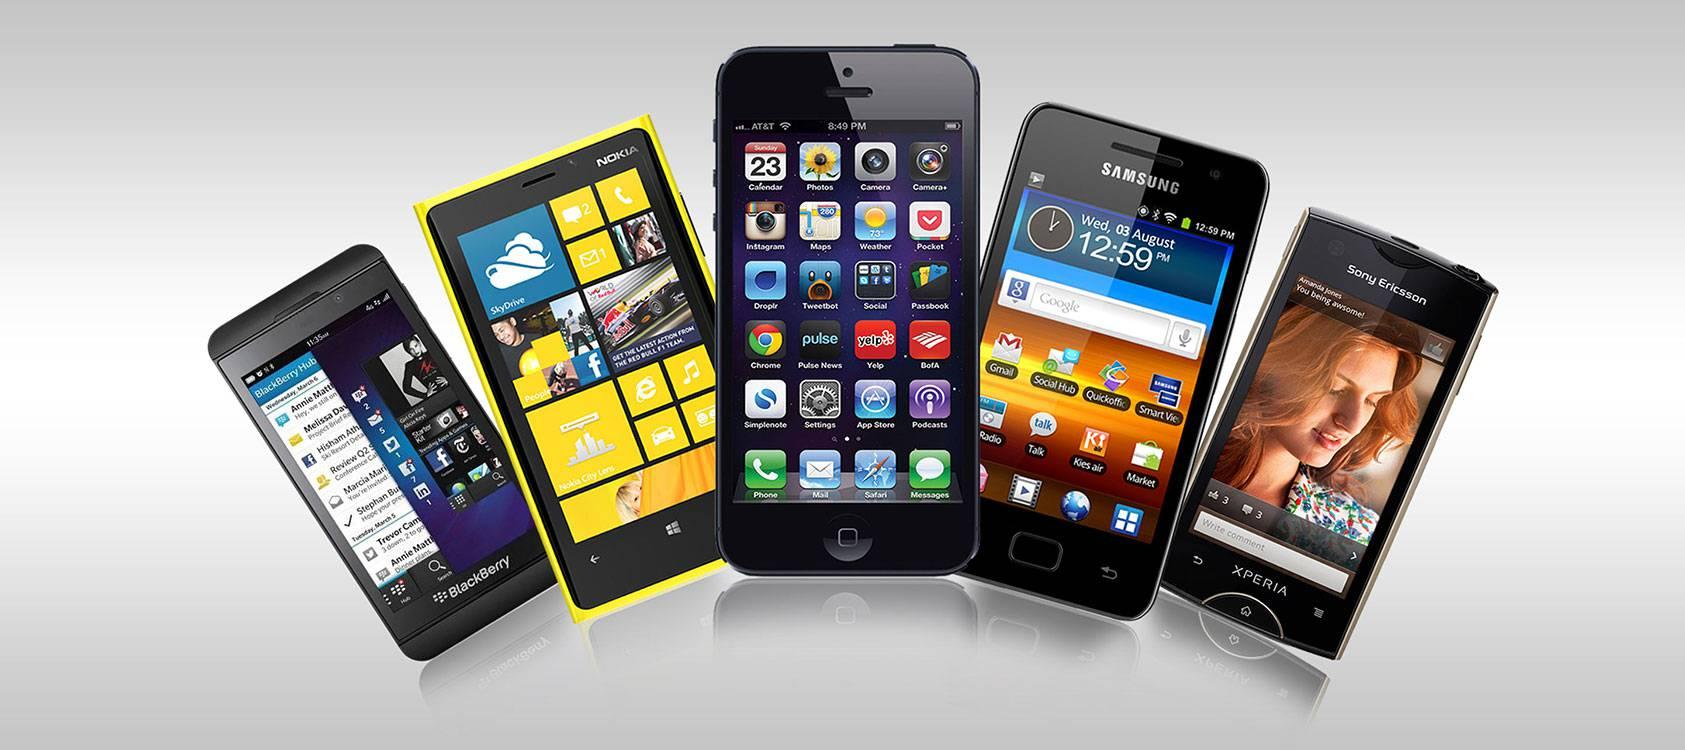 گوشیهای ۳ تا ۵ میلیون تومانی بازار را بشناسید